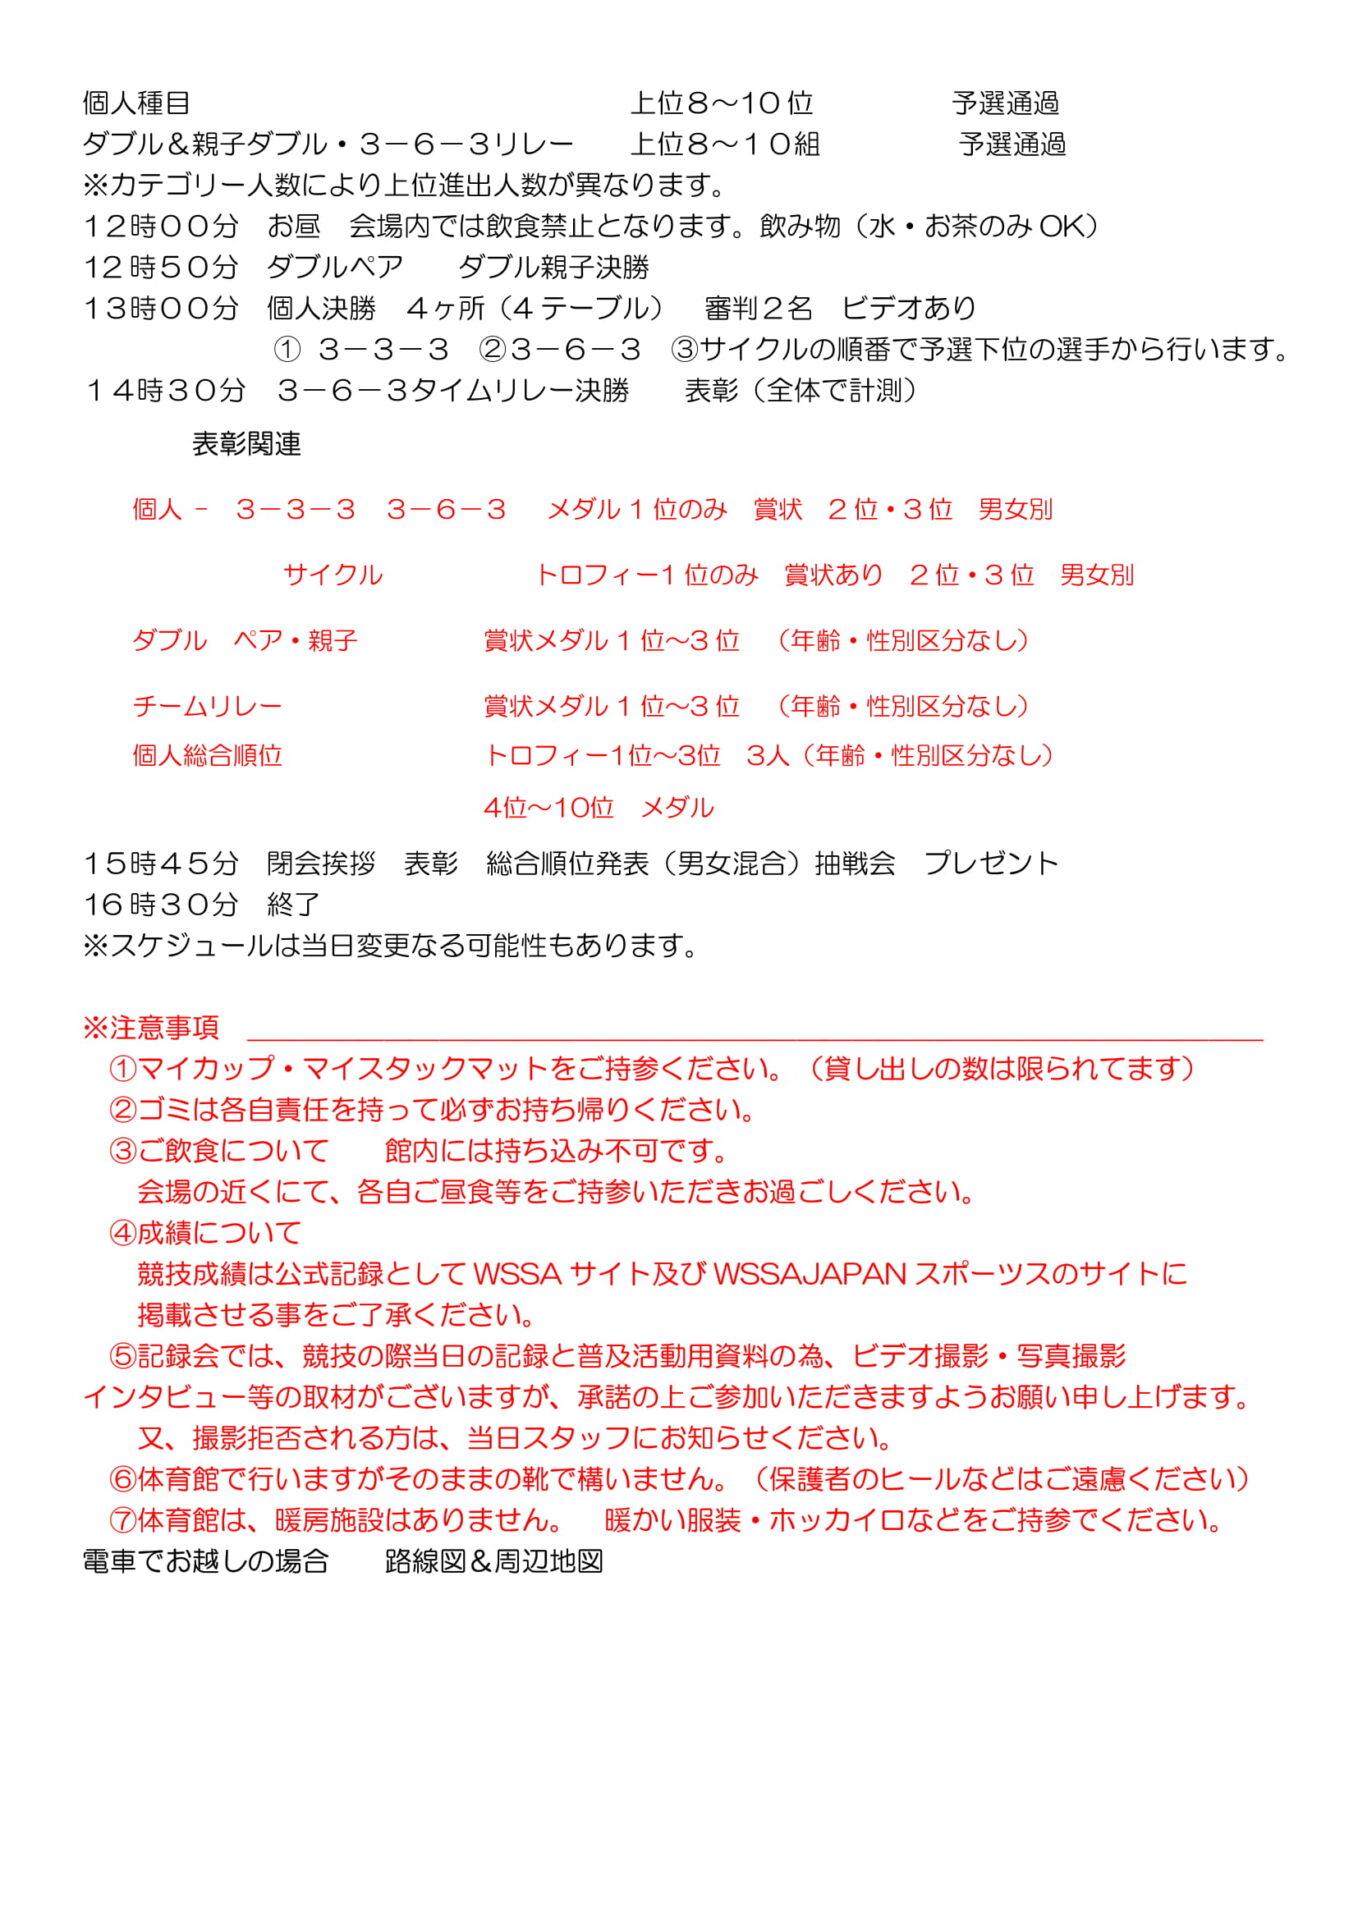 ジャパンカップのお知らせ(裏面)